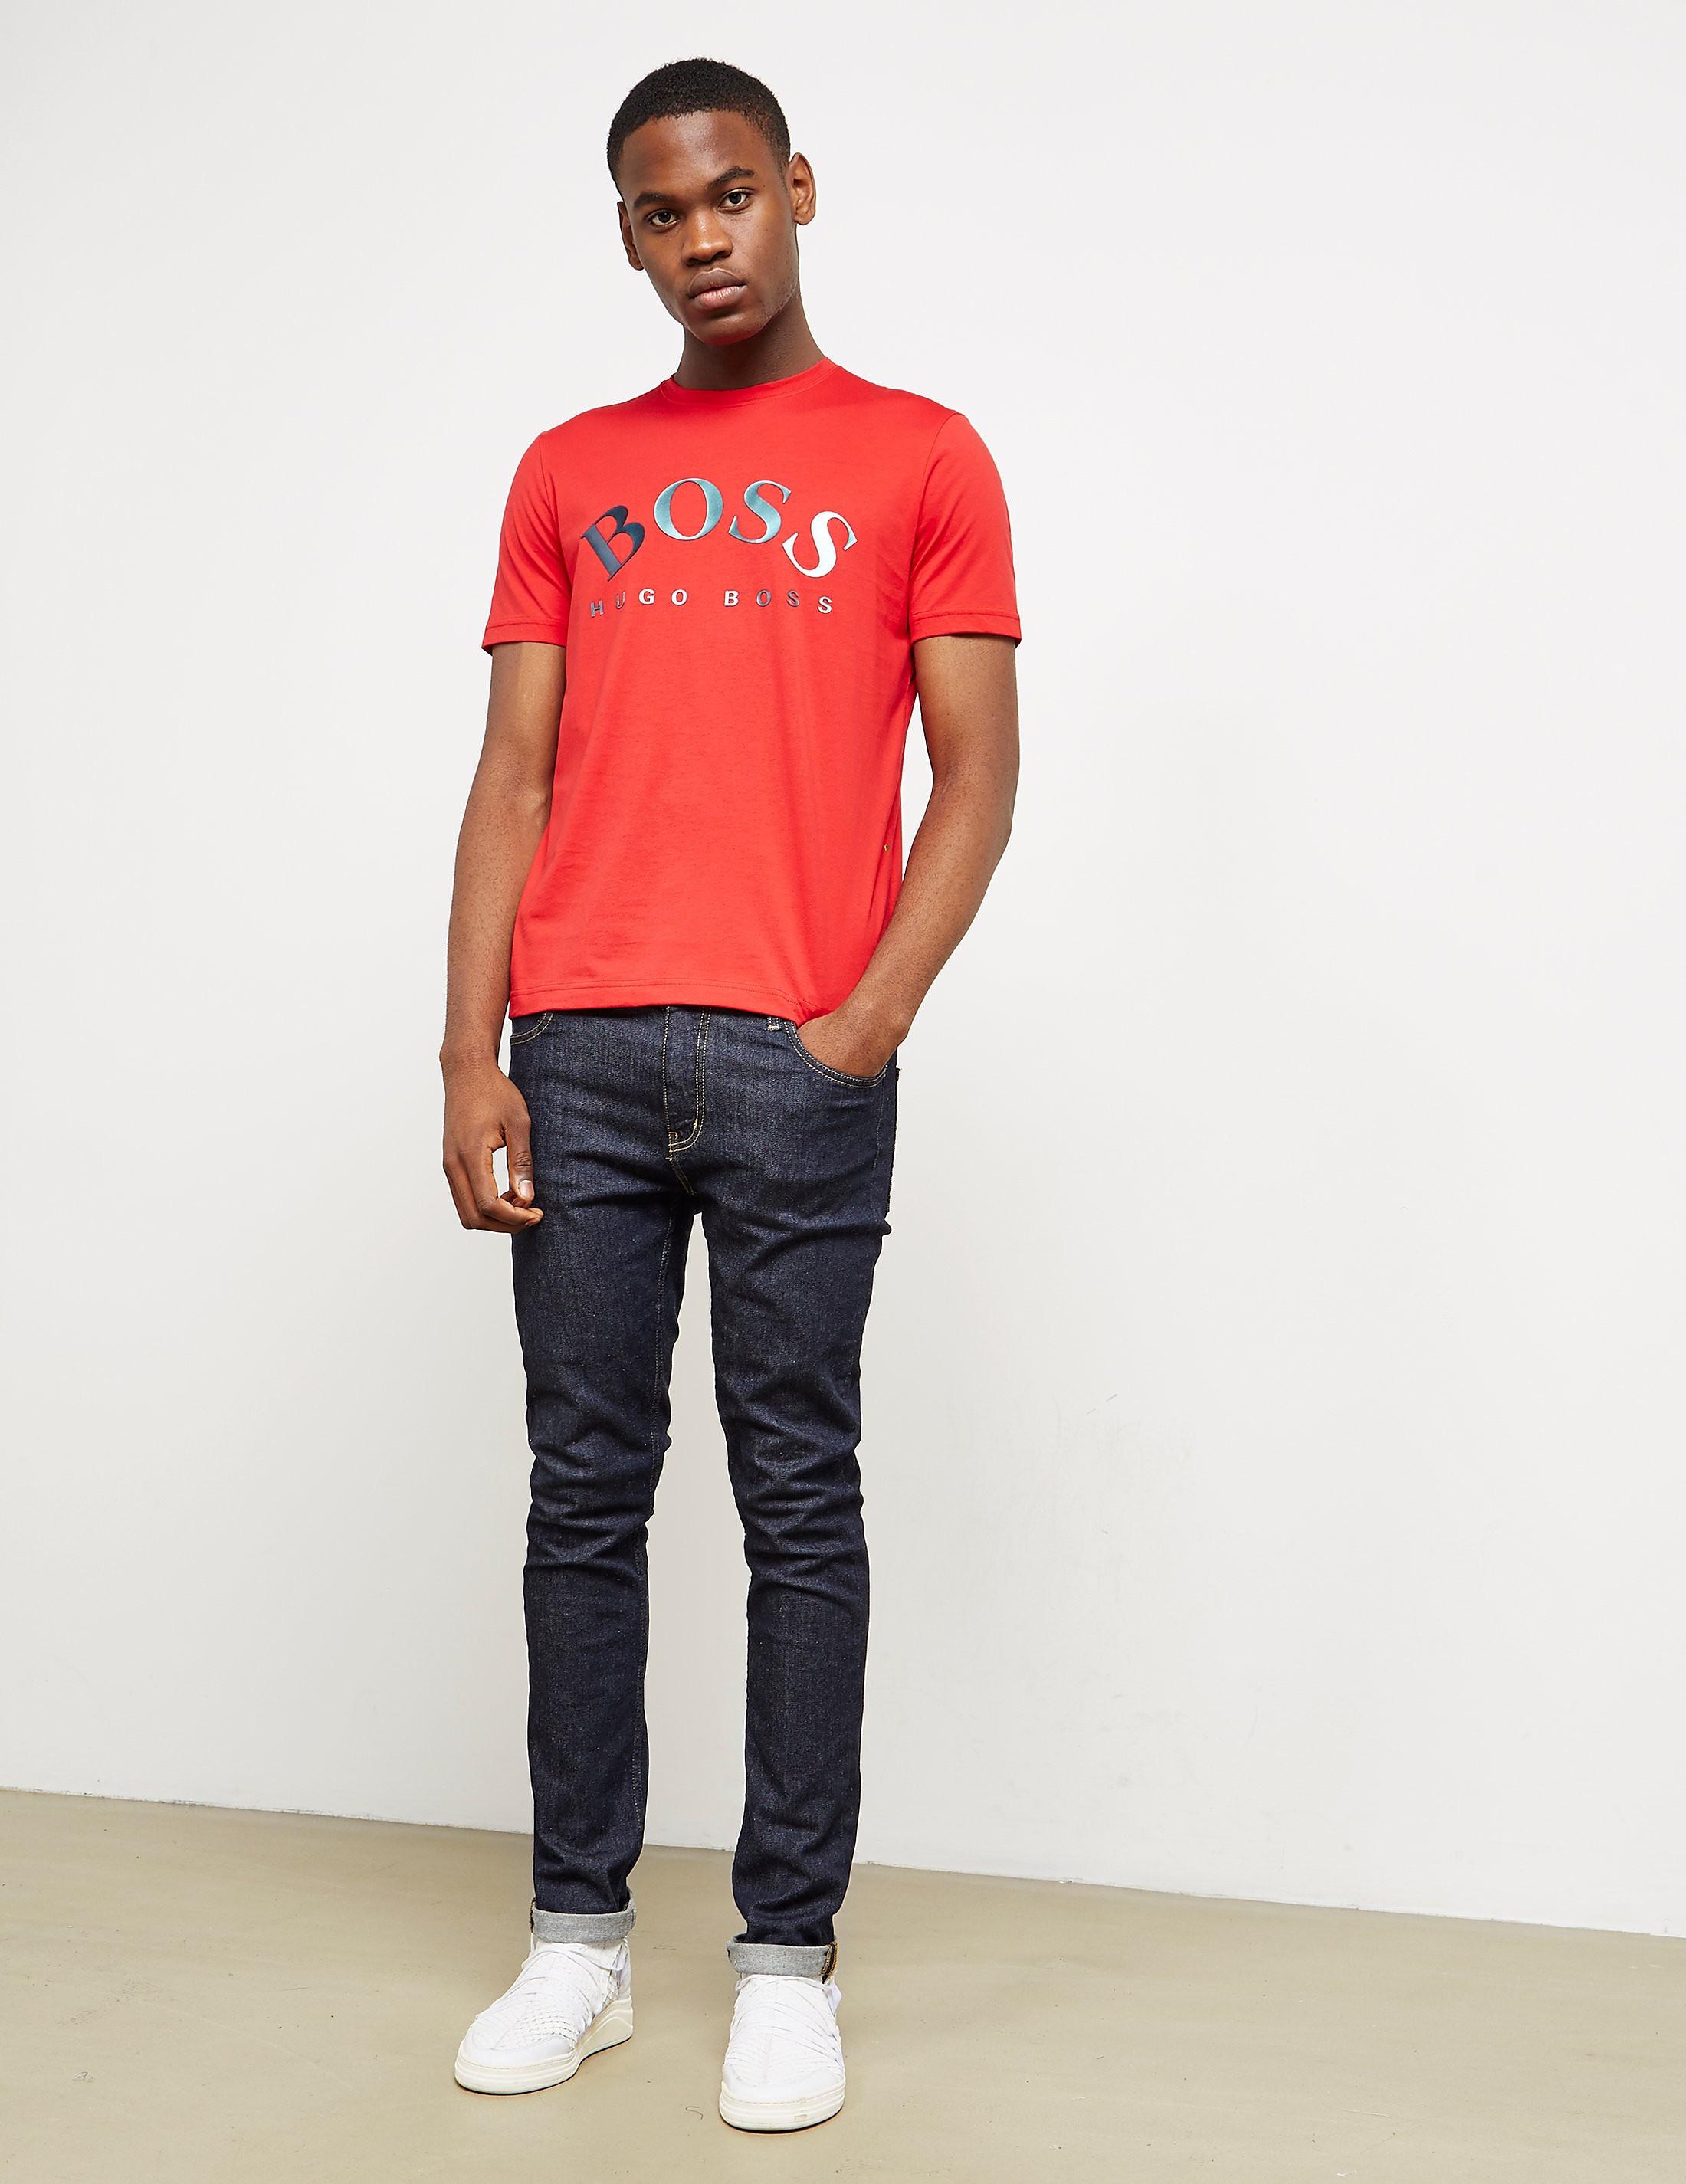 BOSS Green Tallone Short Sleeve T-Shirt